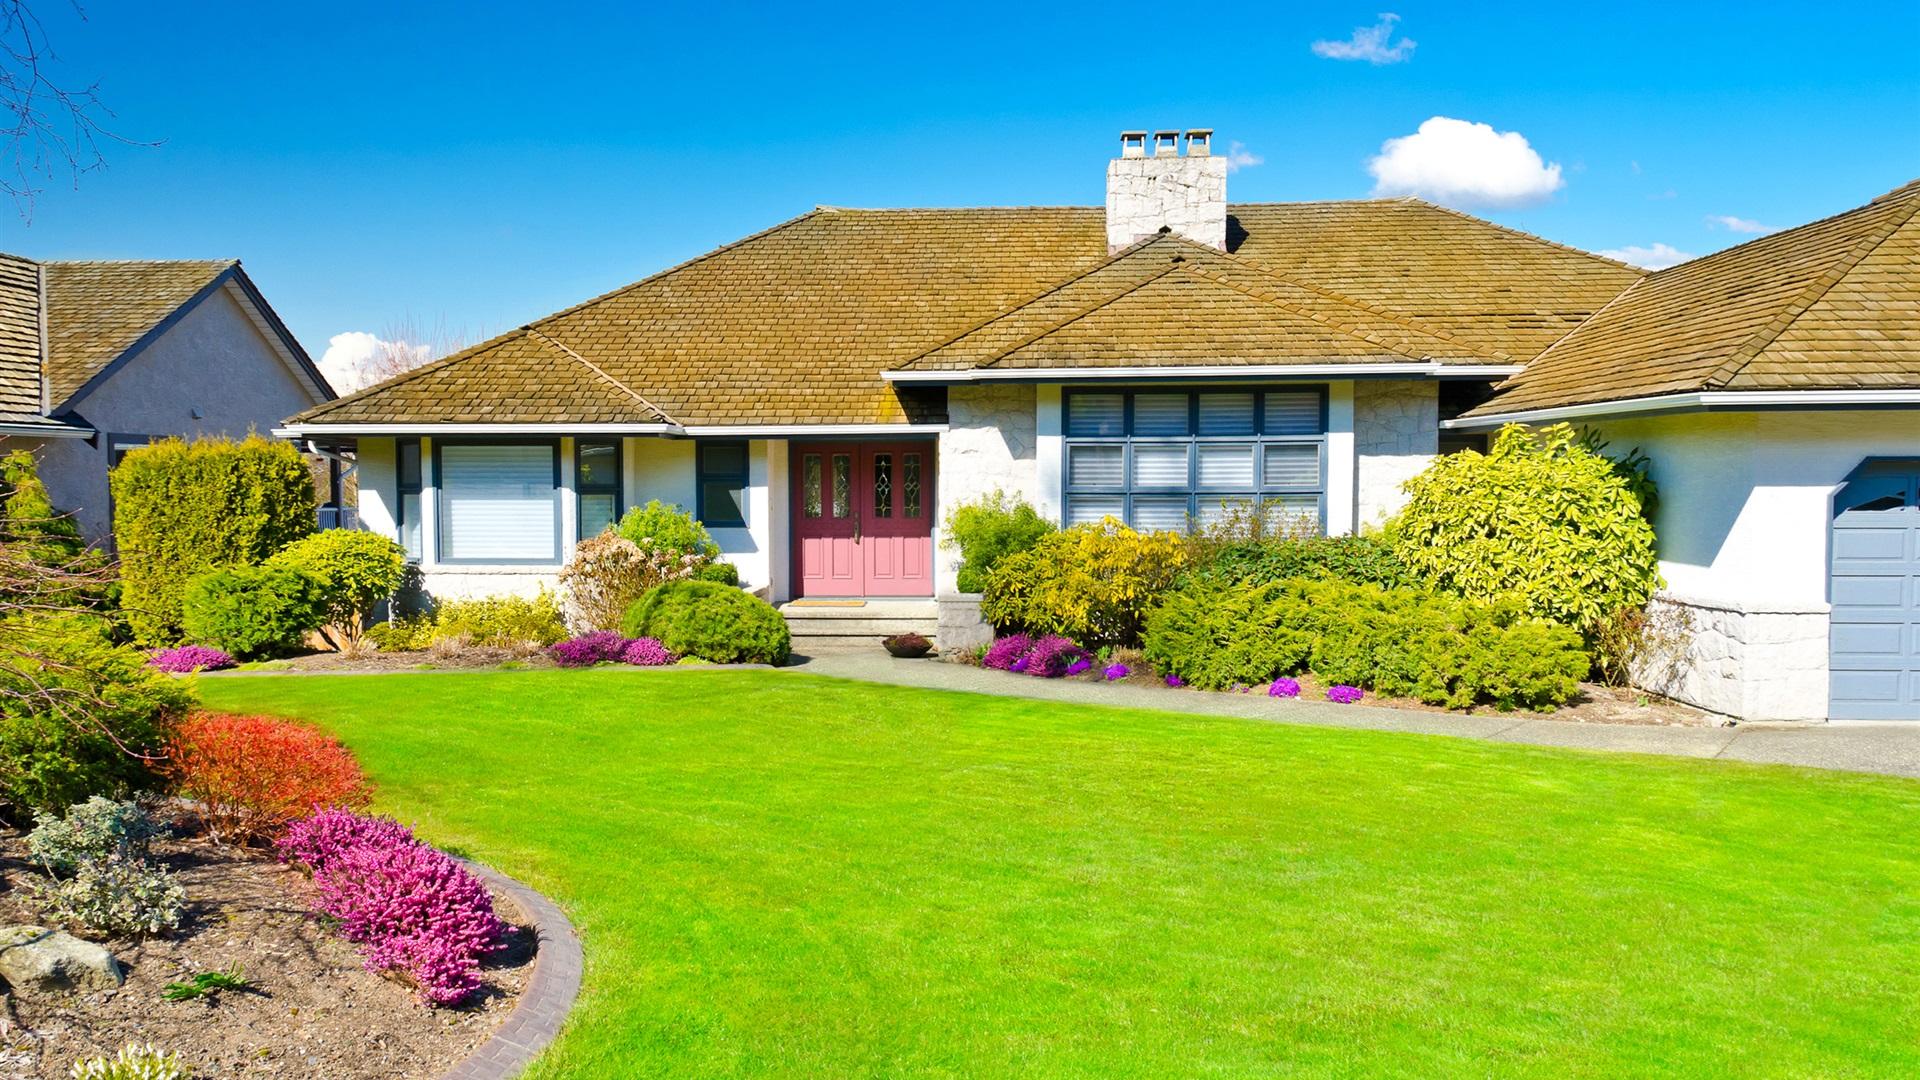 豪宅,房子,草坪,花园 壁纸